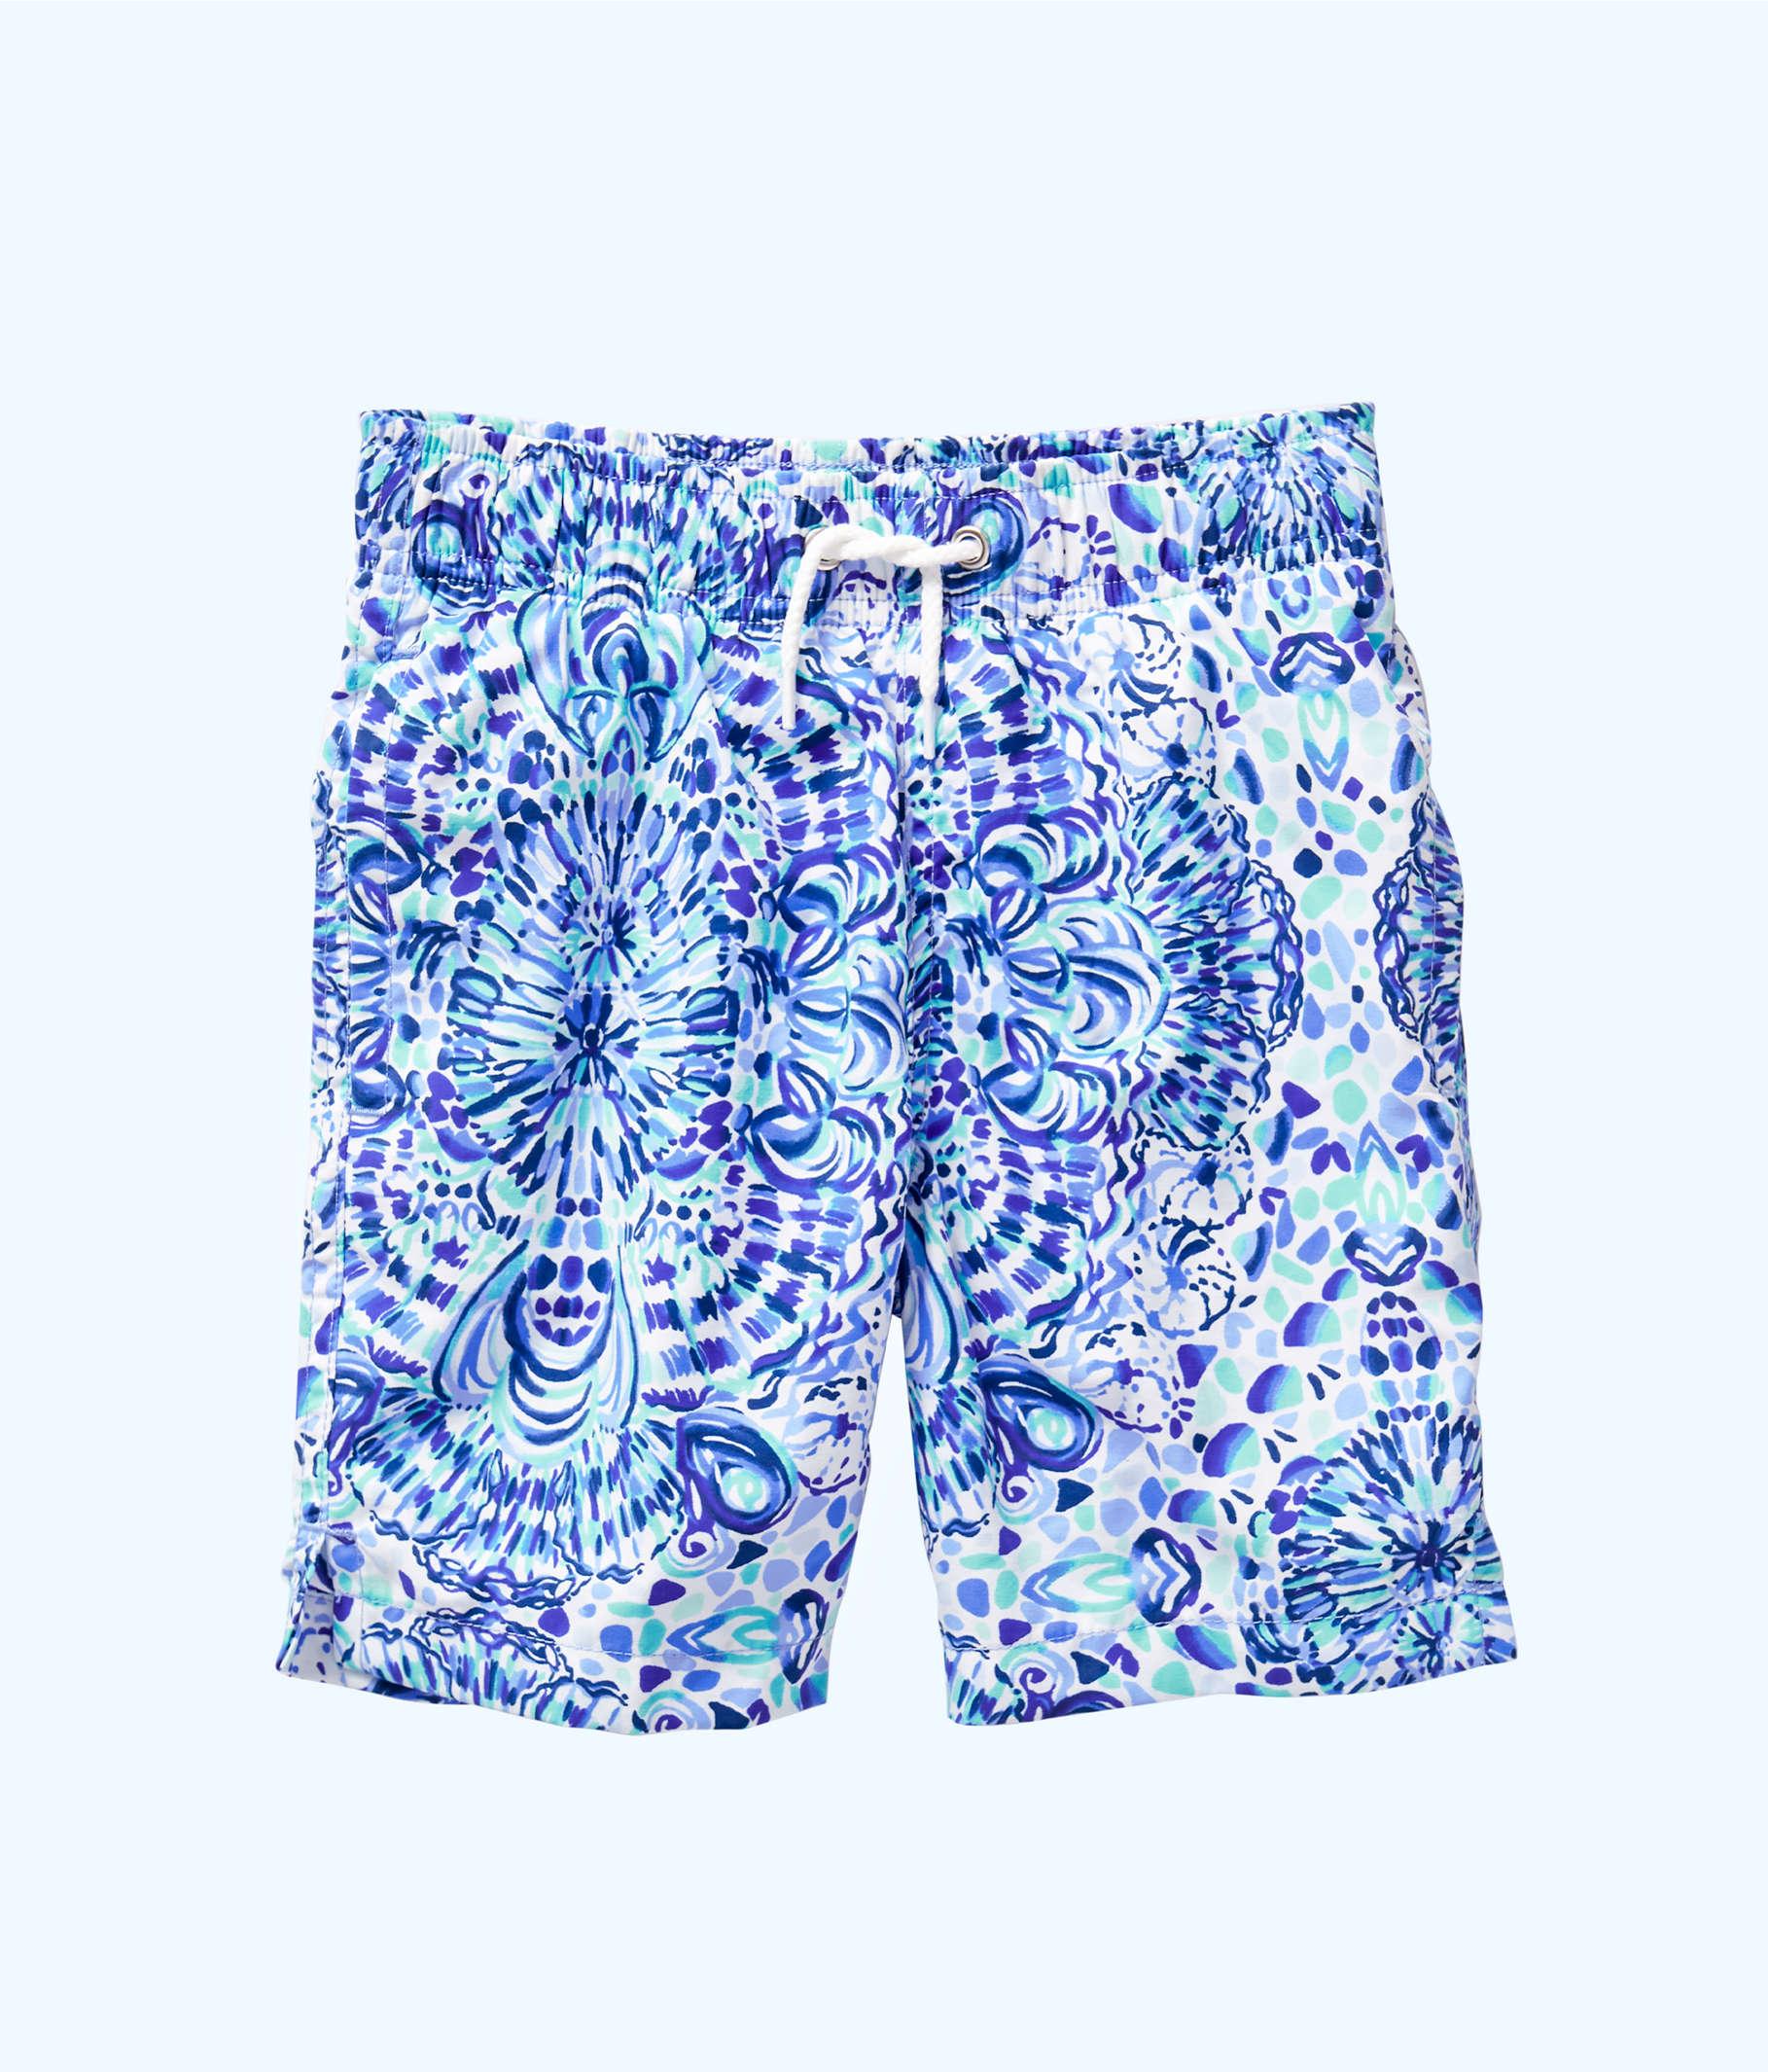 13c5c805f6d5 Boys Junior Capri Swim Trunks